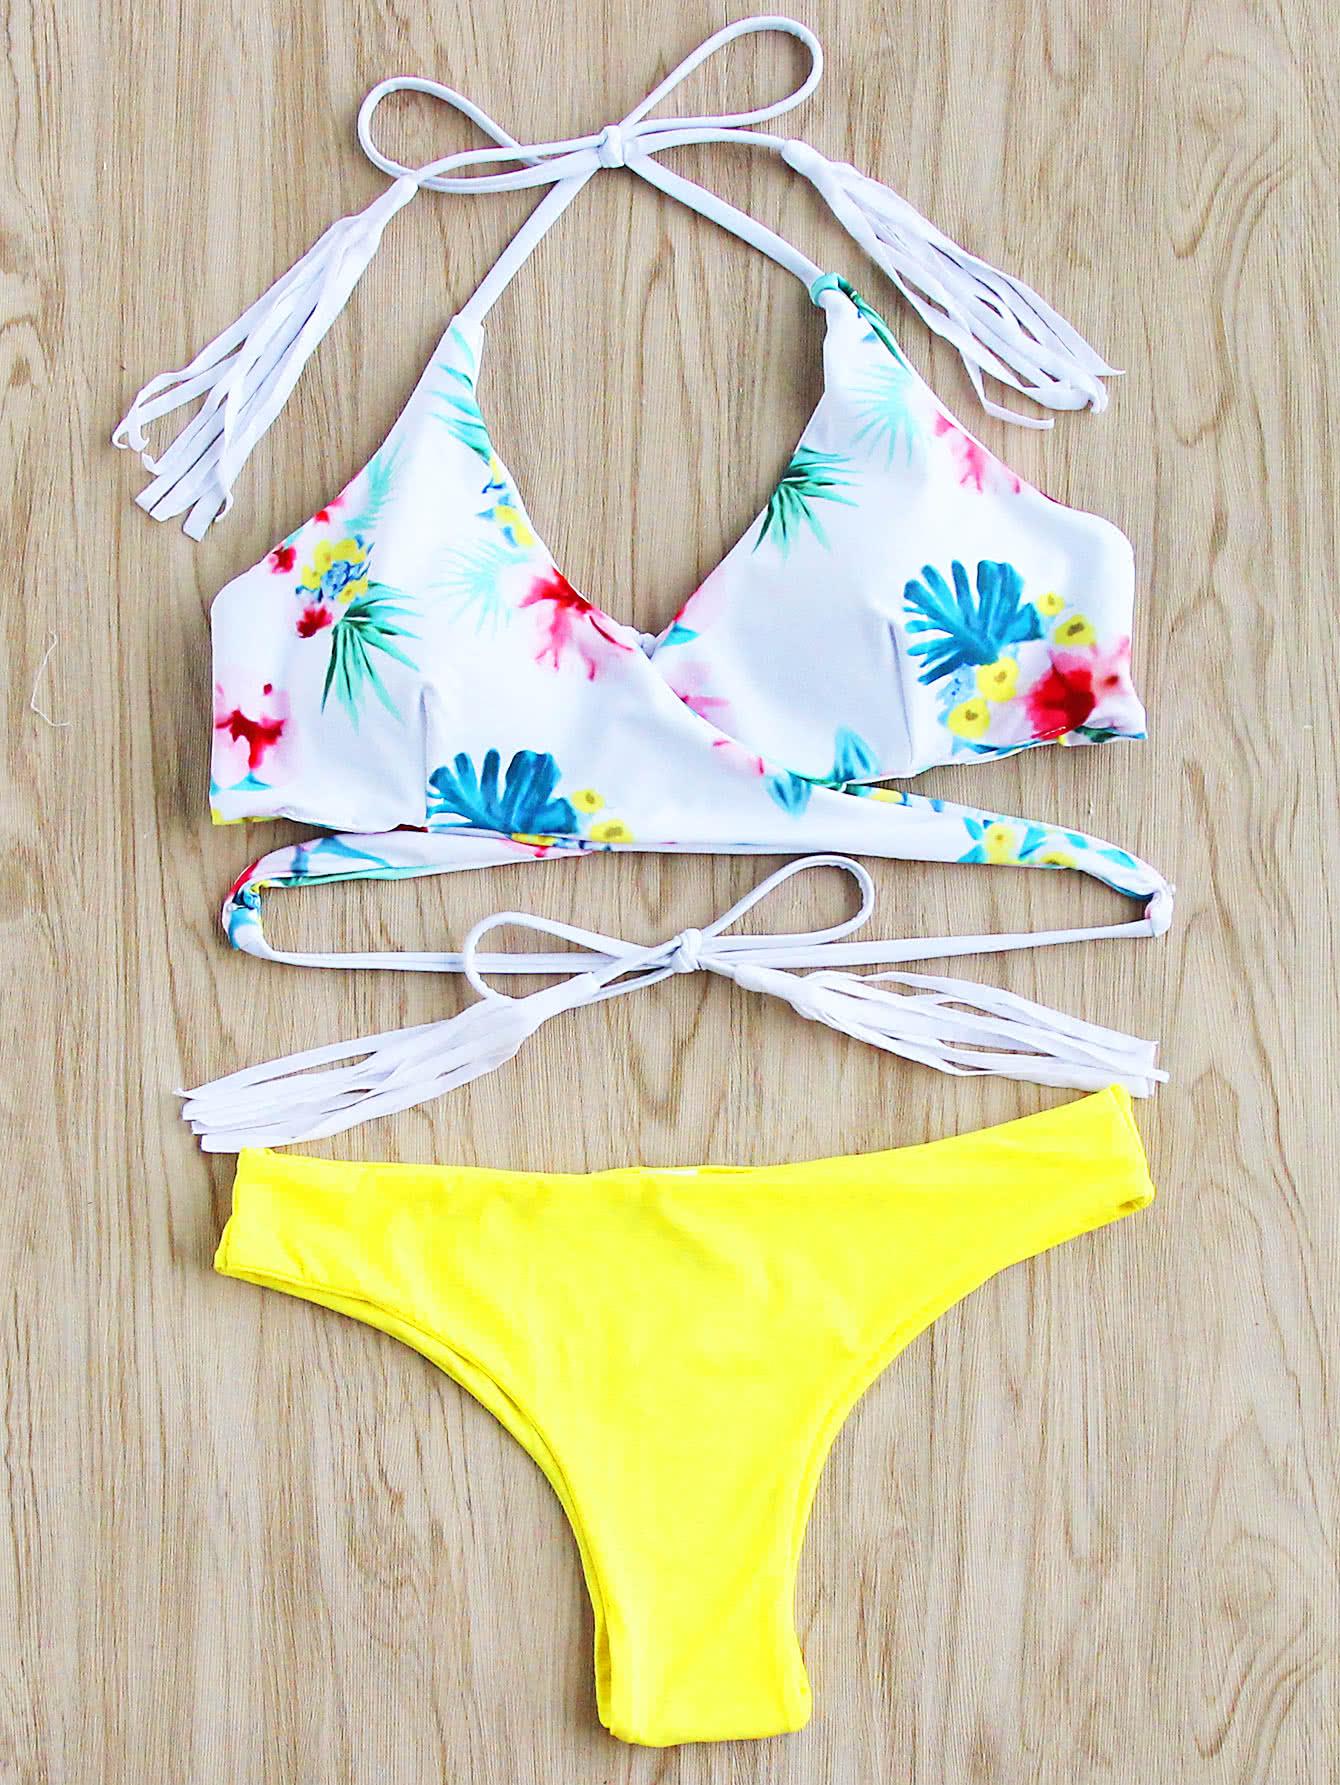 Фото Calico Print Tassel Tie Wrap Bikini Set. Купить с доставкой